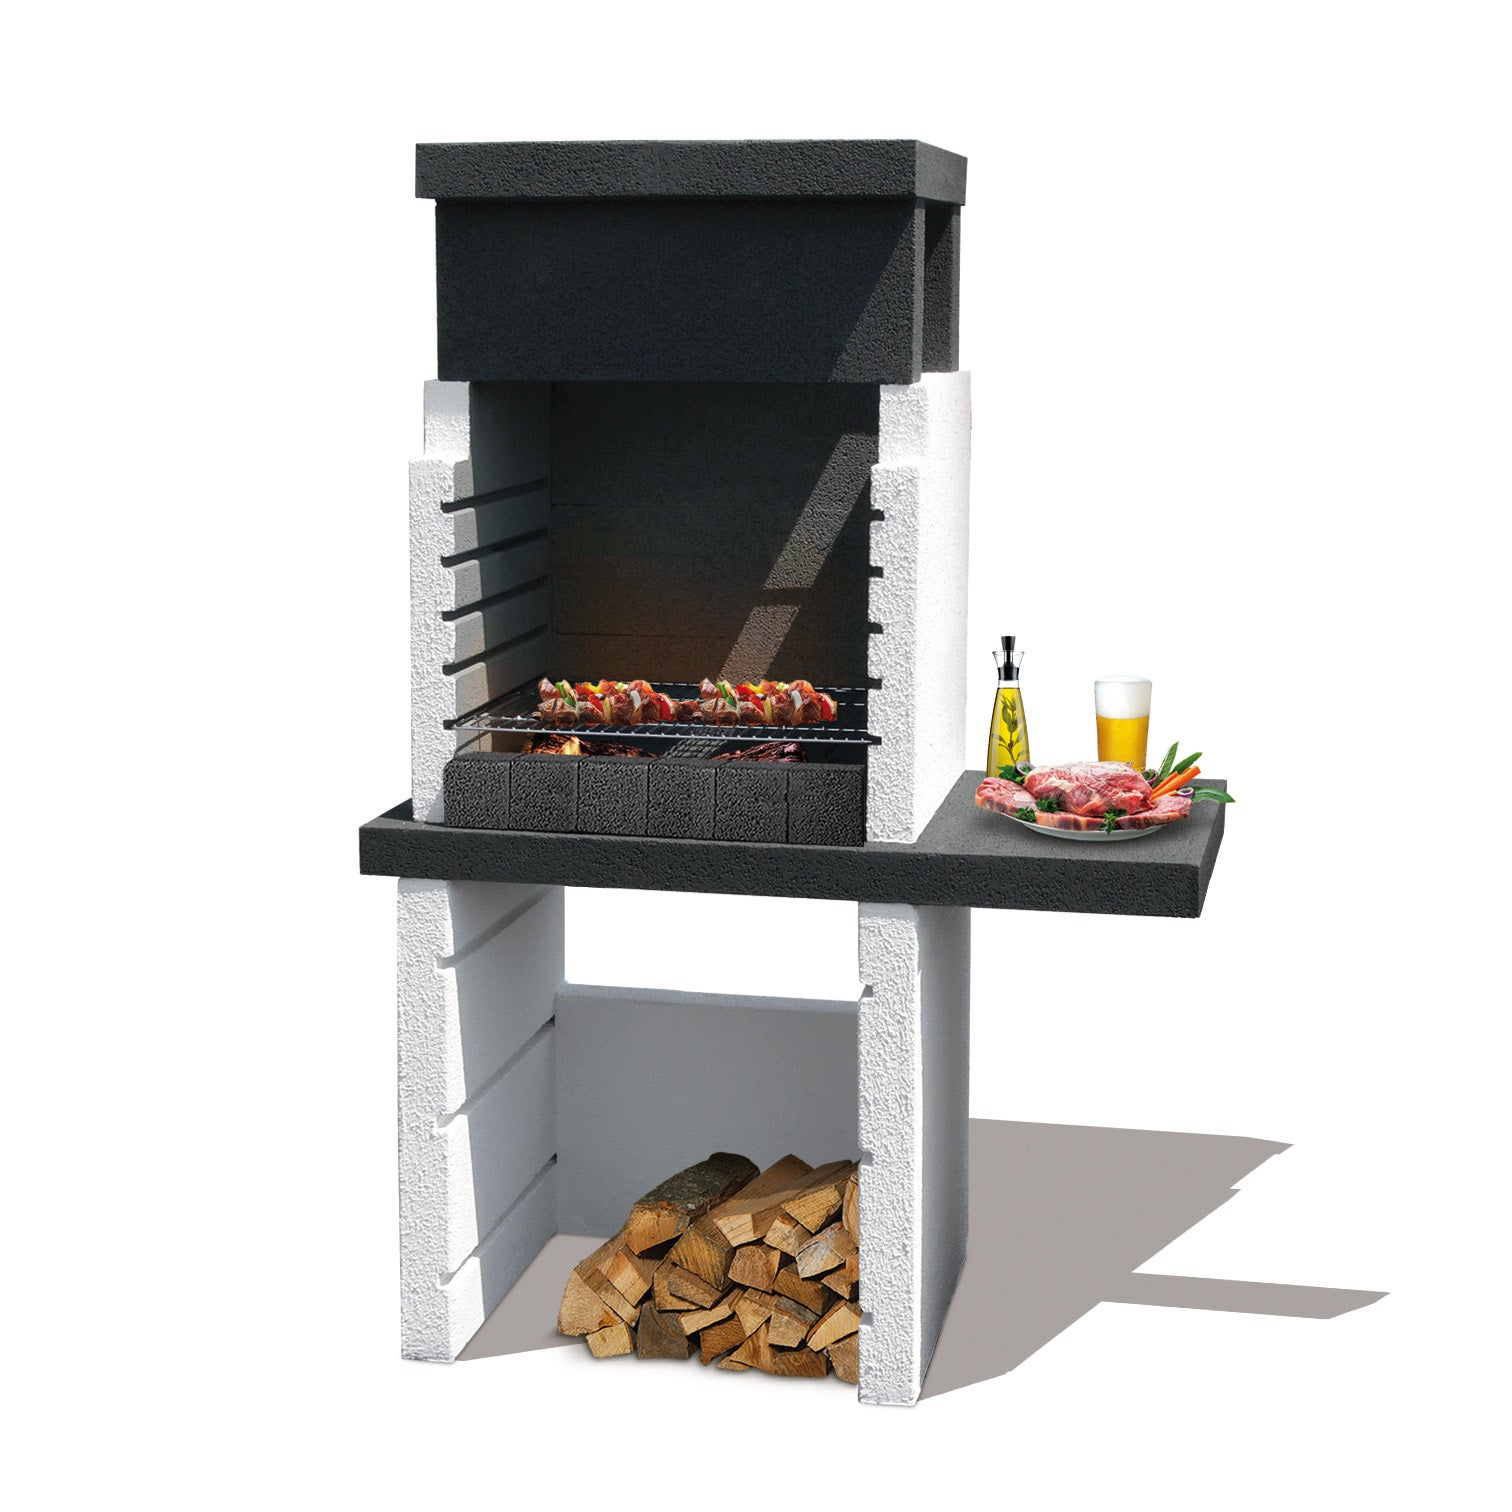 Barbecue en béton gris et noir Kos, l.125 x L.72 x H.161 cm